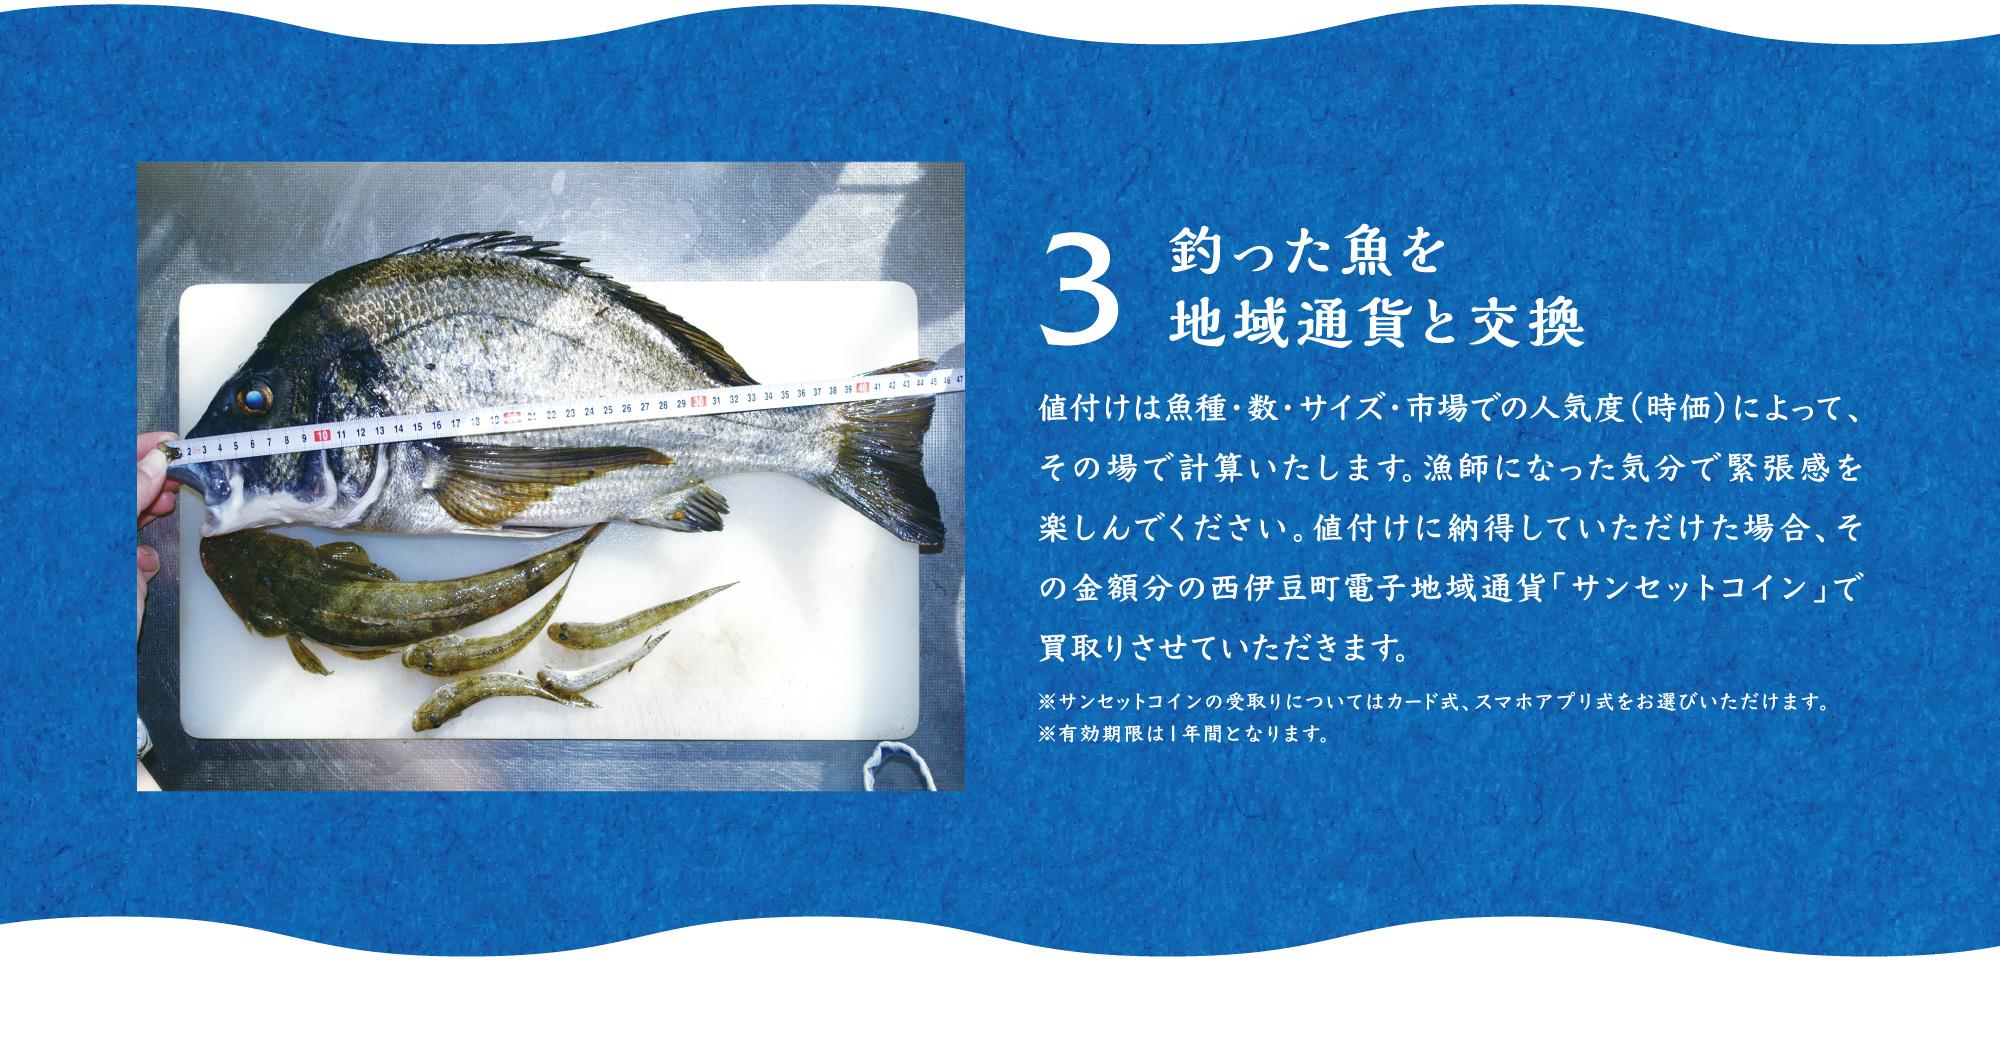 3.釣った魚を地域通貨と交換 値付けは魚種・数・サイズ・市場での人気度(時価)によって、その場で計算いたします。漁師になった気分で緊張感を楽しんでください。値付けに納得していただけた場合、その金額分の西伊豆町電子地域通貨「サンセットコイン」で買取りさせていただきます。 ※サンセットコインの受取りについてはカード式、スマホアプリ式をお選びいただけます。 ※有効期限は1年間となります。